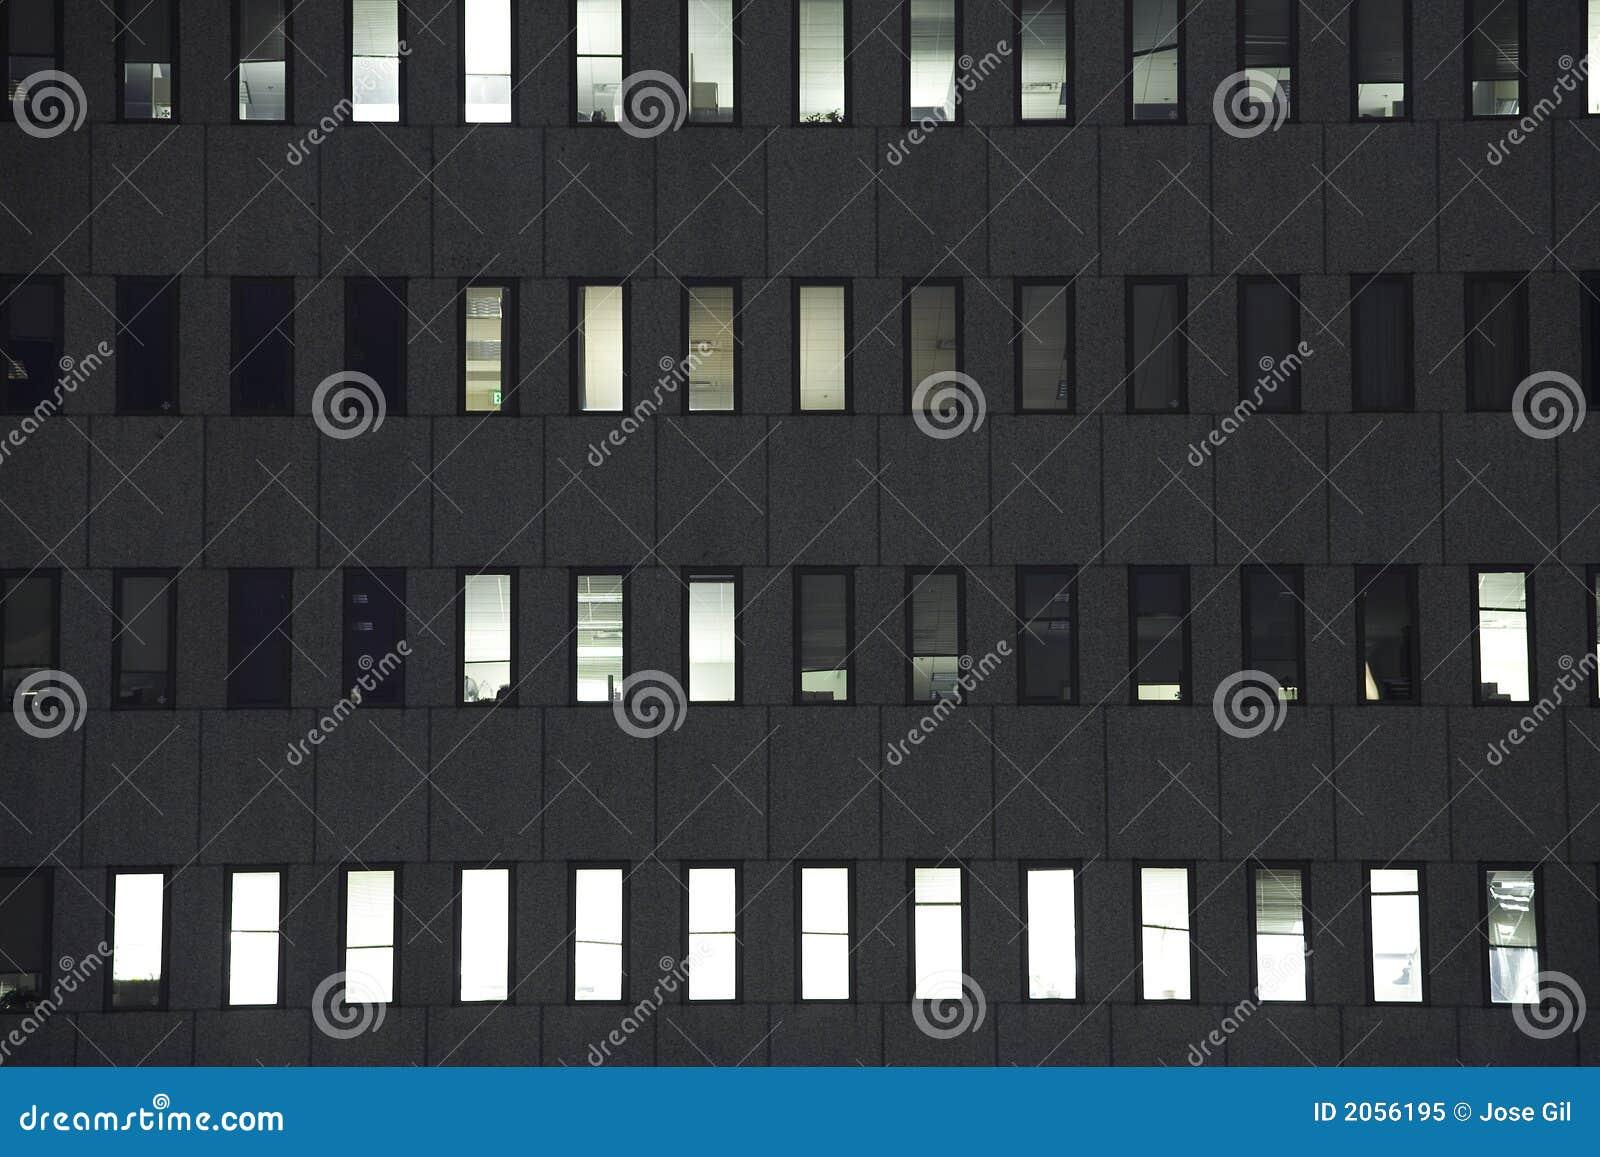 Immeuble de bureaux Windows 2